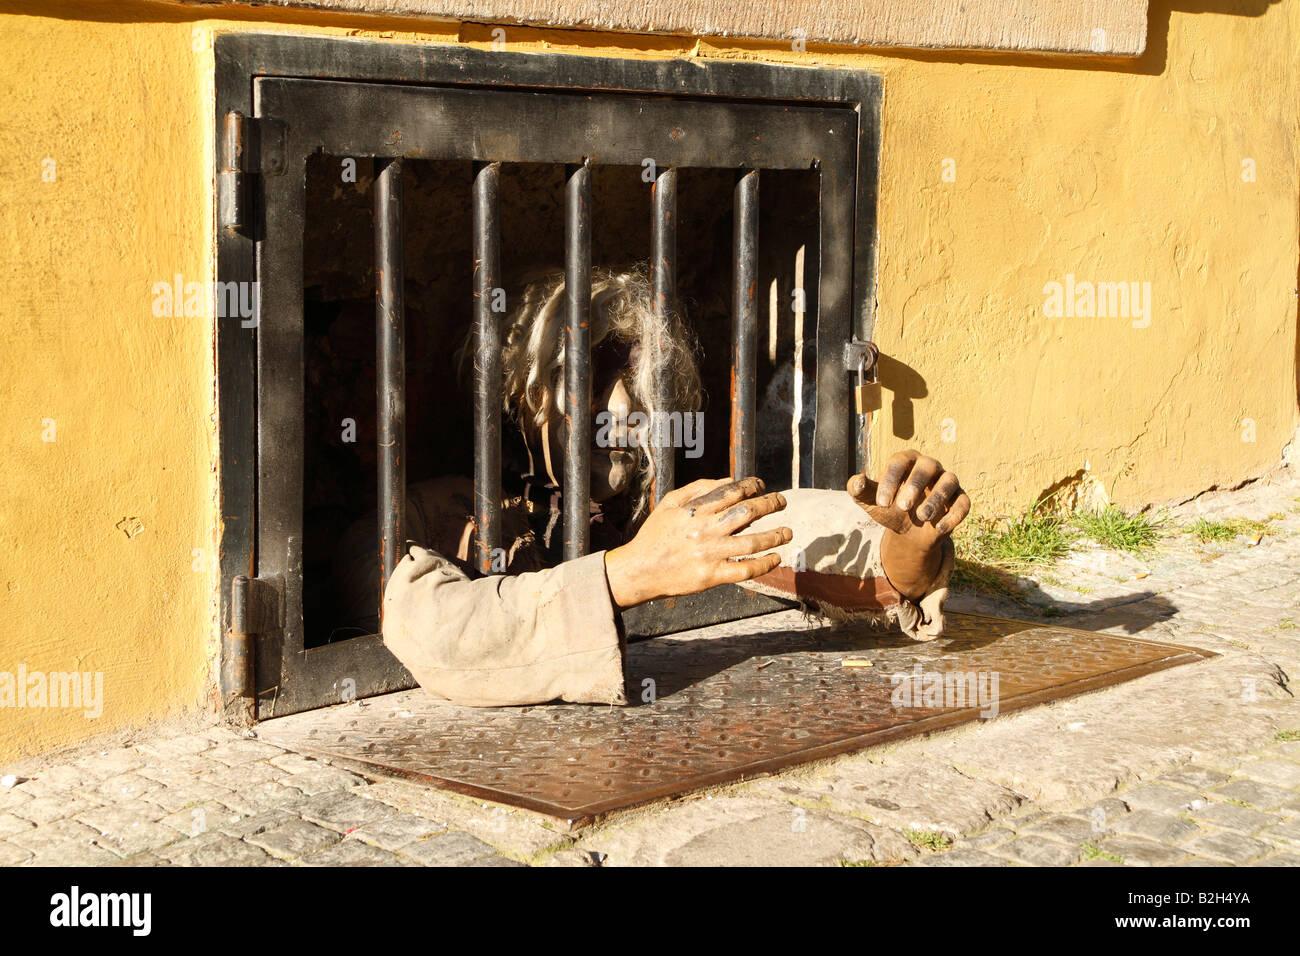 Una beffa prigioniero rinchiuso nel seminterrato di un edificio in Lesser Quater a Praga Immagini Stock